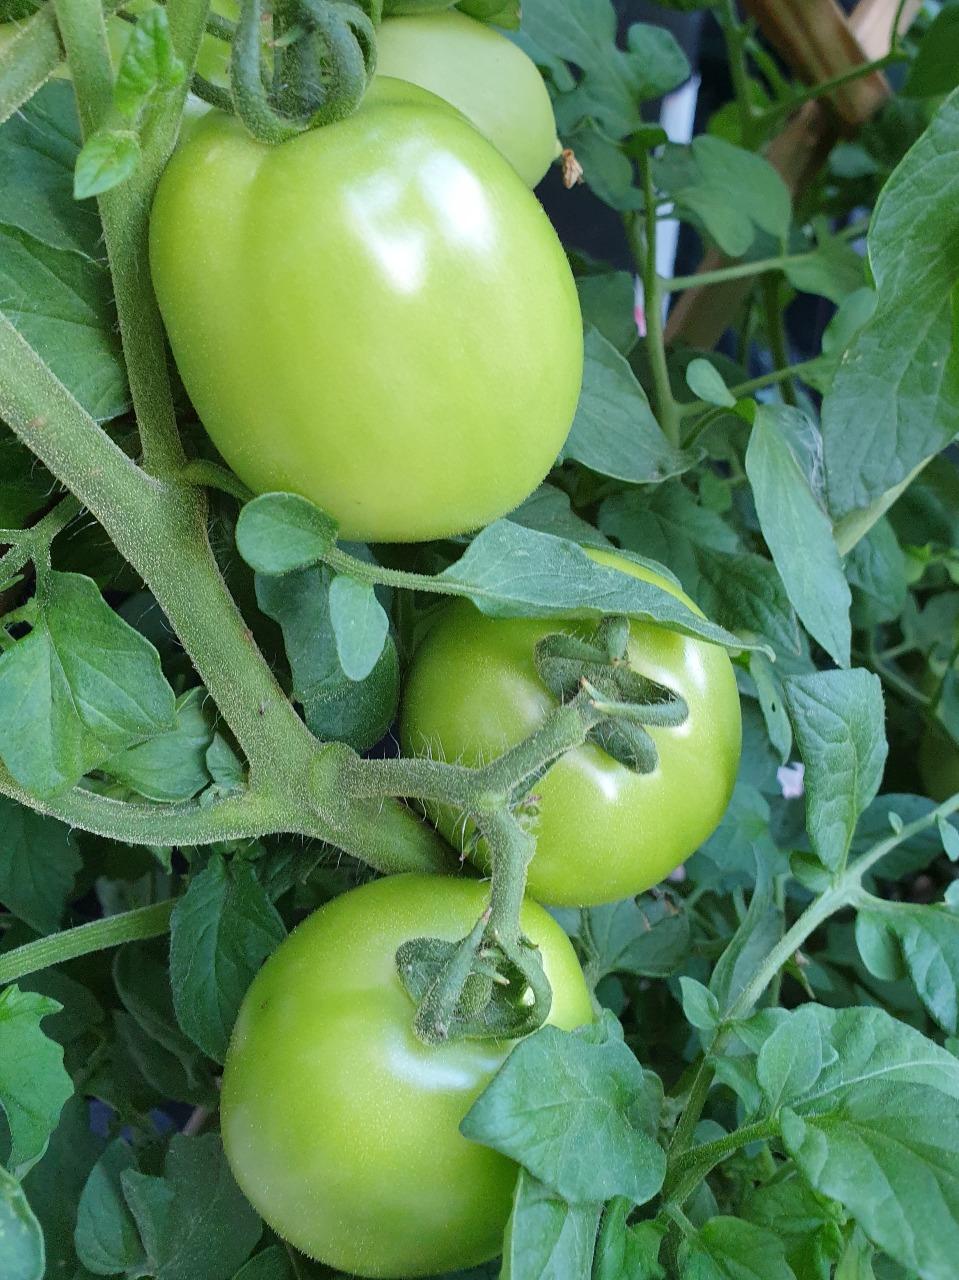 I nostri pomodori verdi